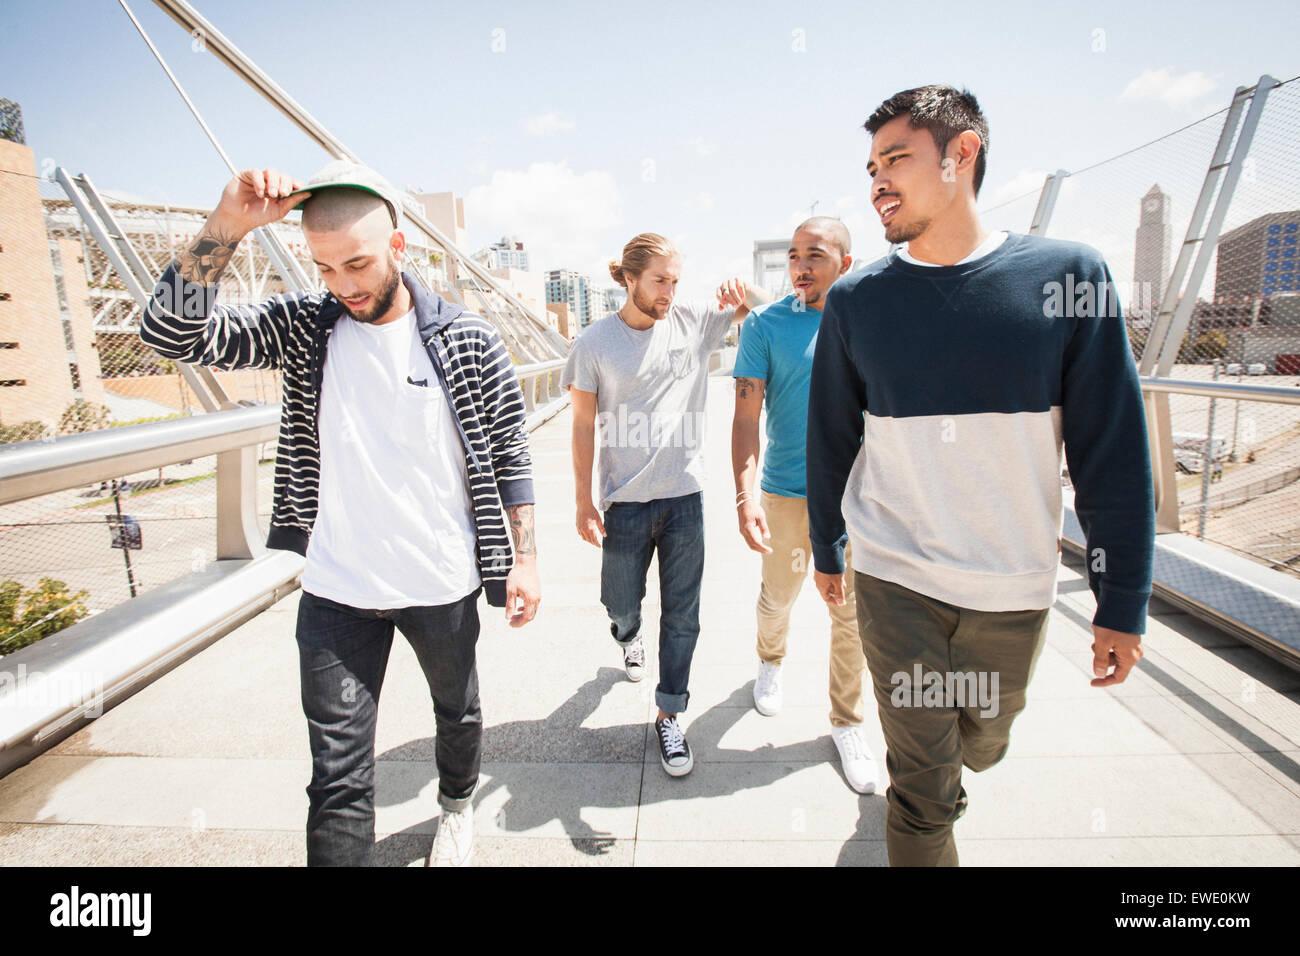 Grupo de jóvenes caminando a lo largo de la pasarela Imagen De Stock